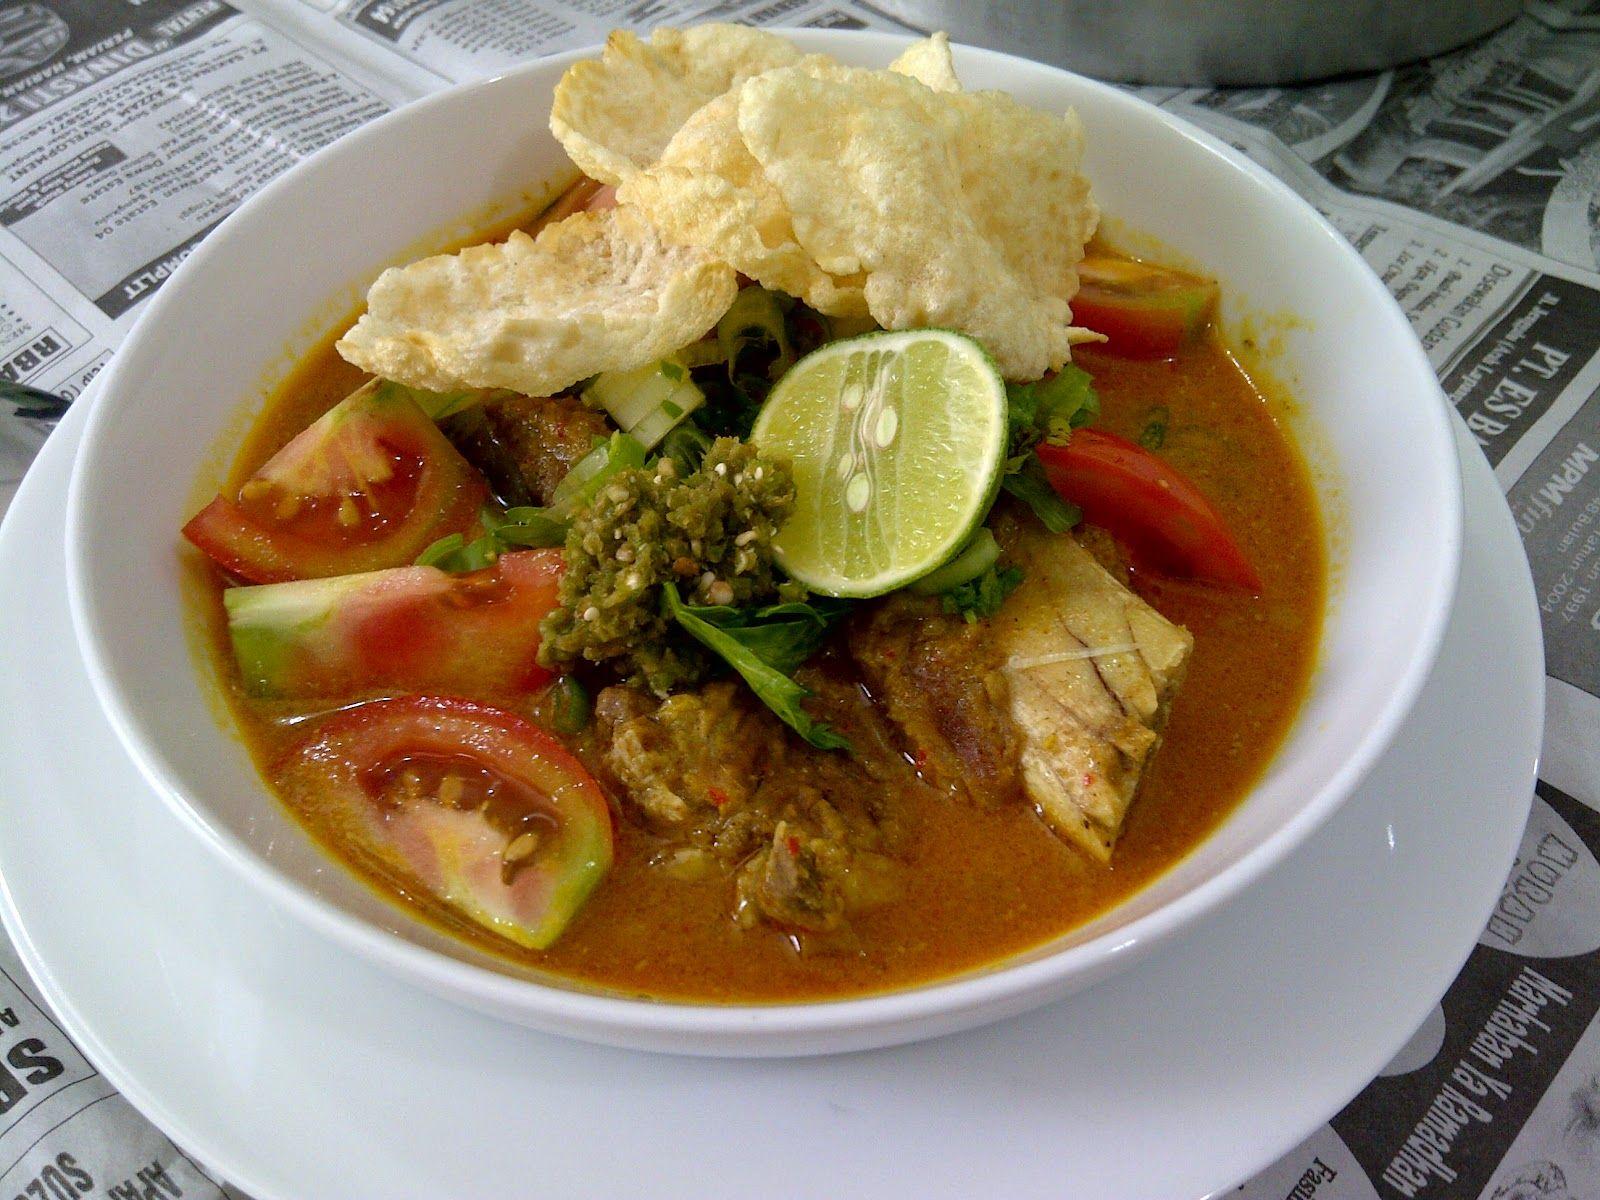 resep masakan soto daging santan sapi betawi asli